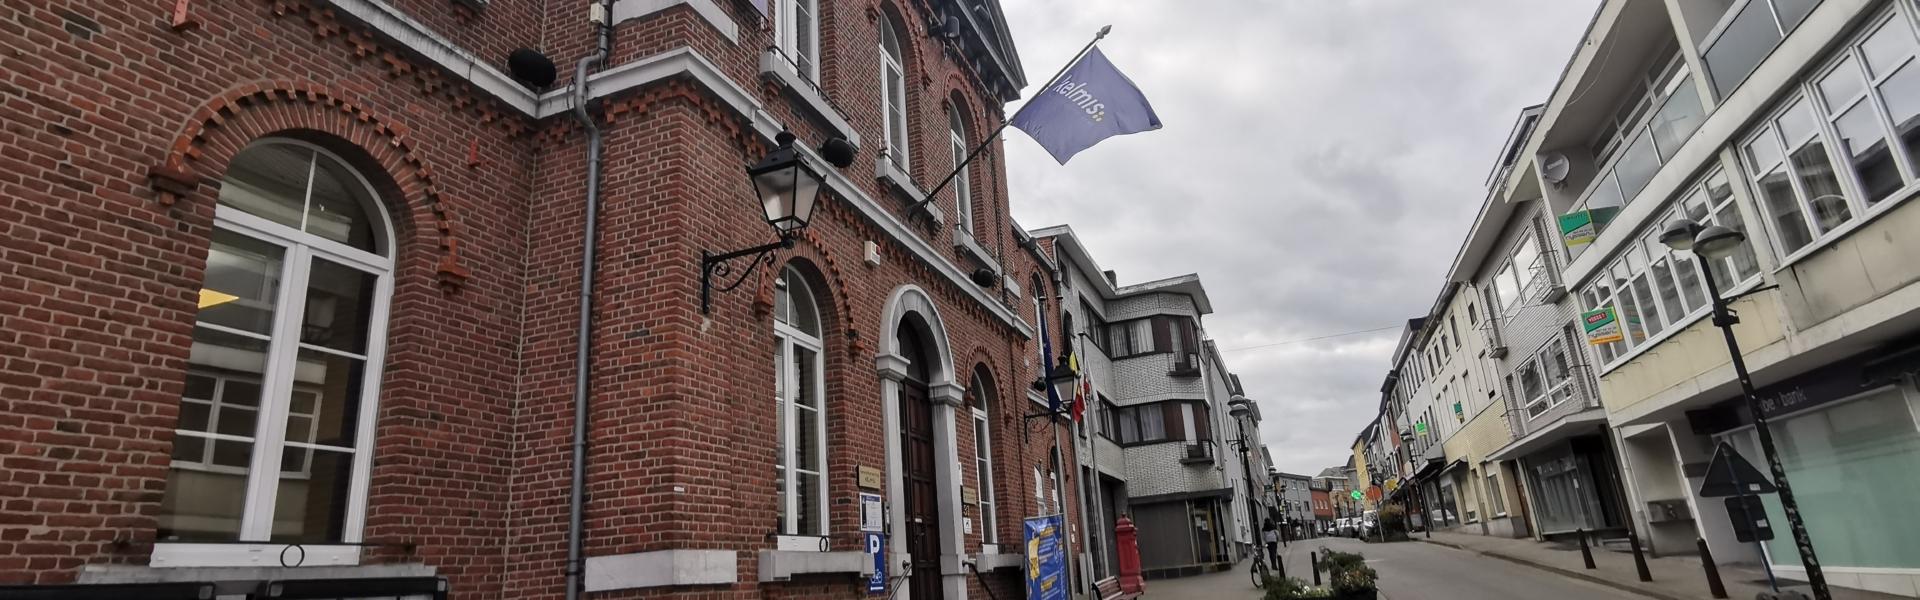 Das Gemeindehaus in Kelmis